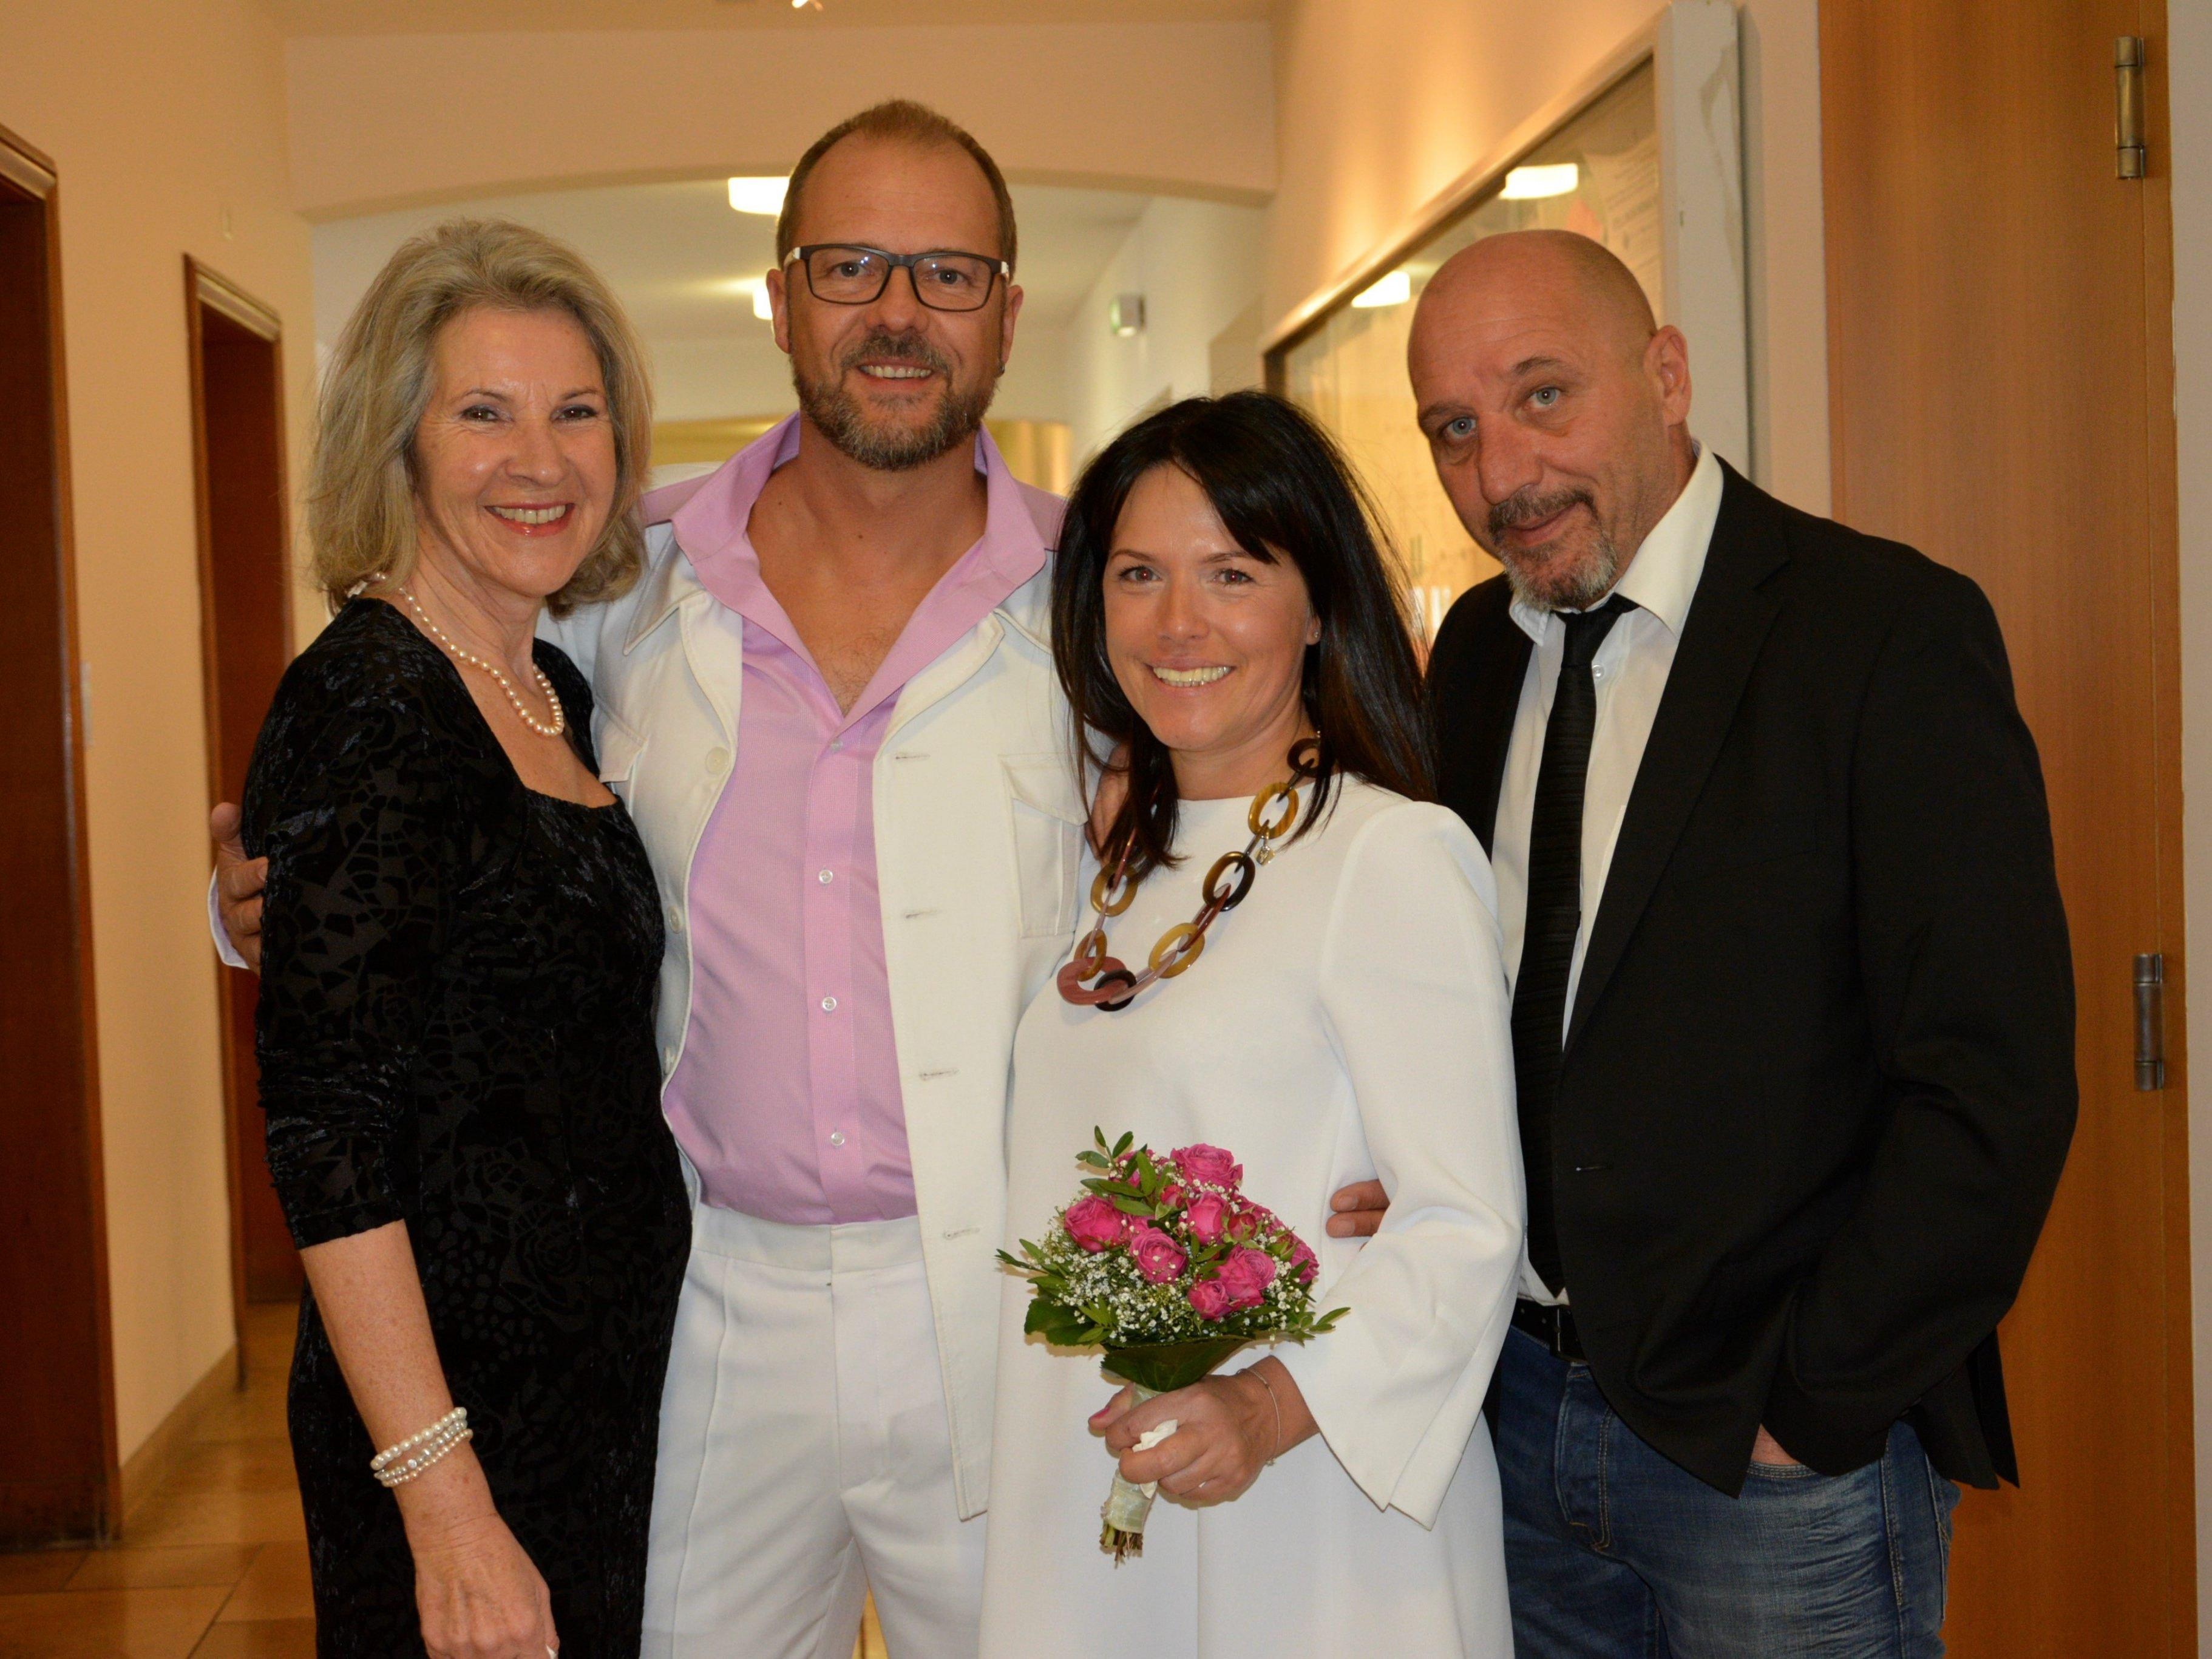 Hochzeit von Manja Vonbank und Andreas Mages - Dornbirn   VOL.AT